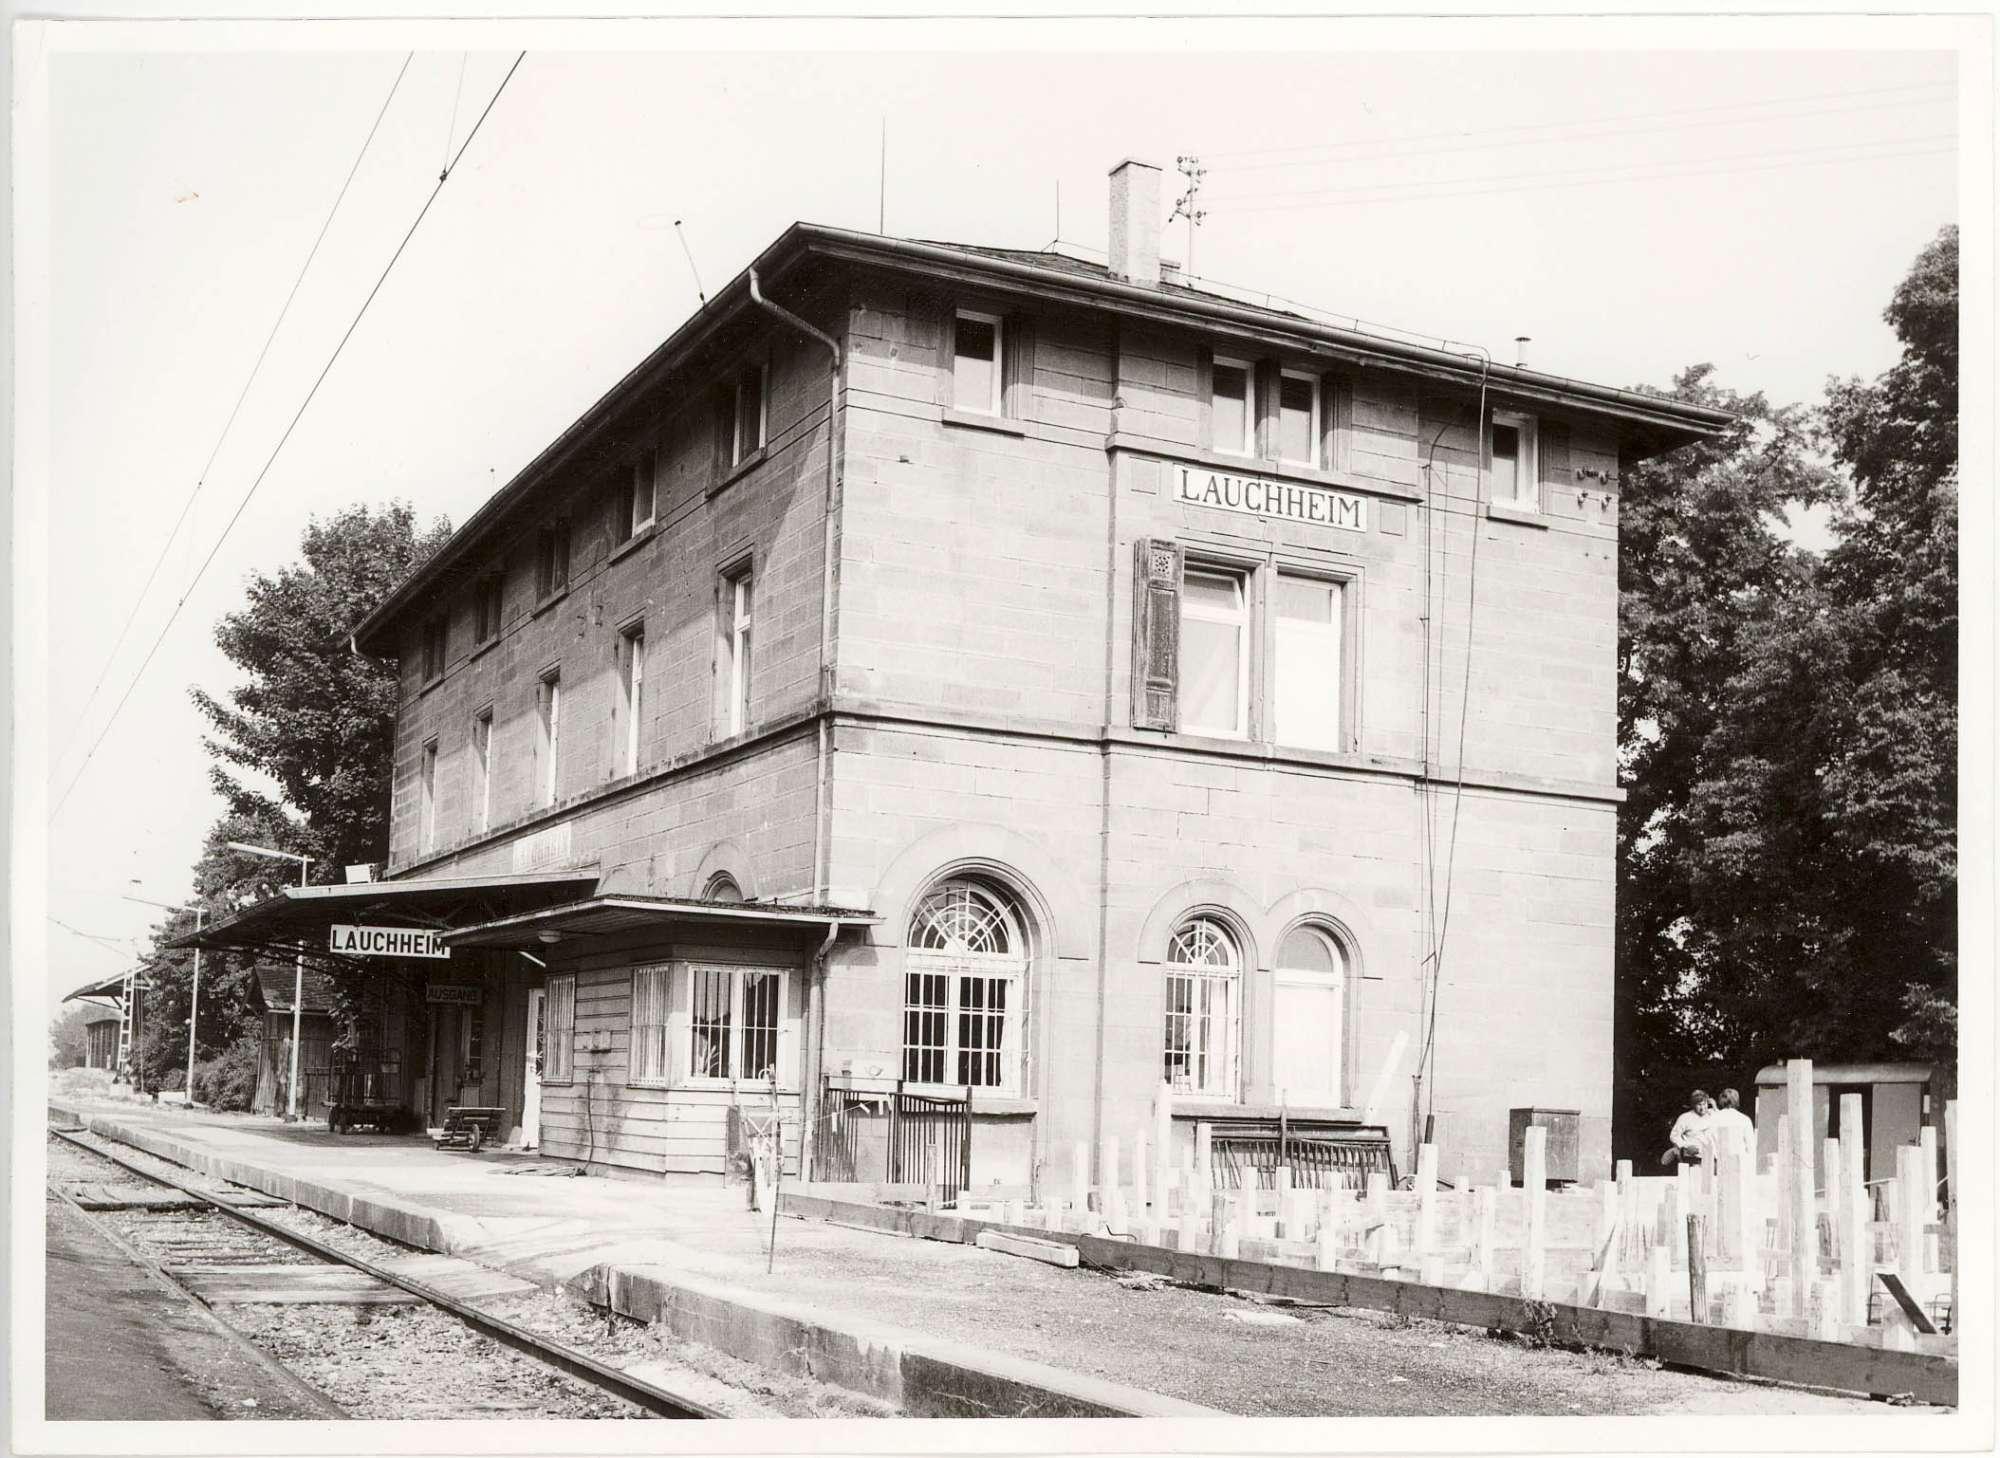 Lauchheim: 6 Fotos, Bild 2